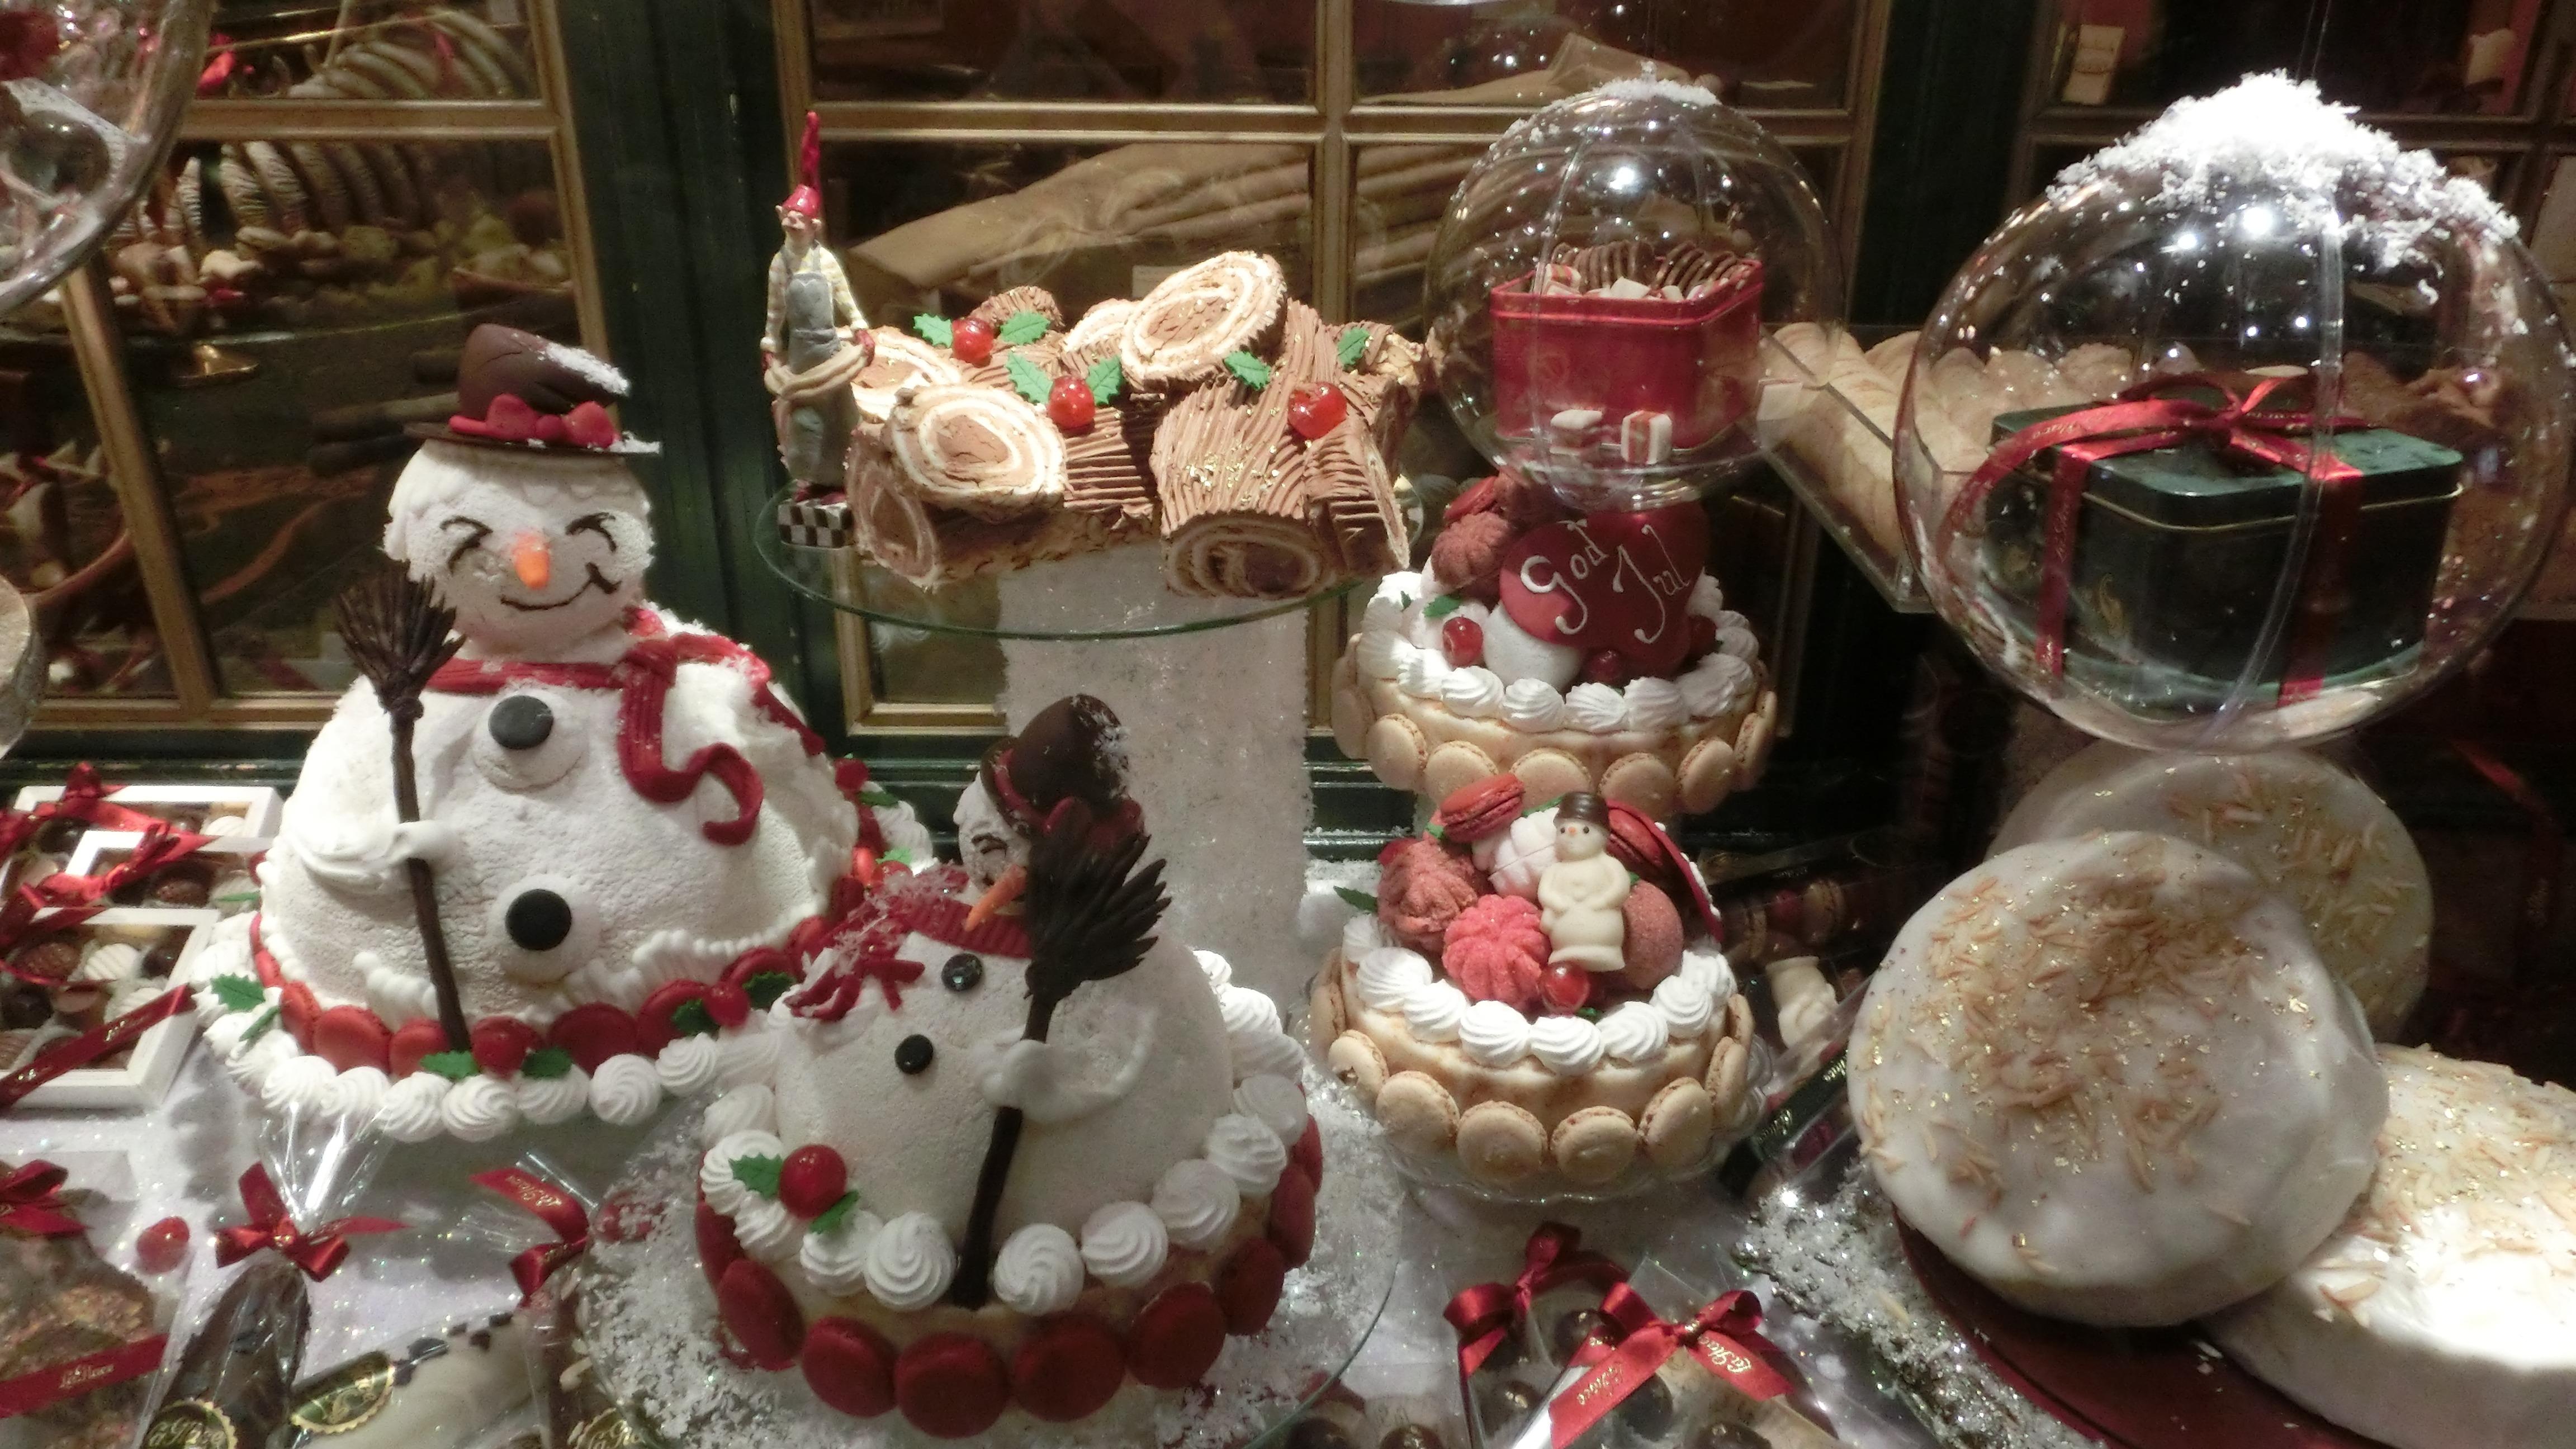 ventana decoracin comida navidad galleta postre pastel panadera adviento decoracin navidea pasteles monigote de nieve dinamarca